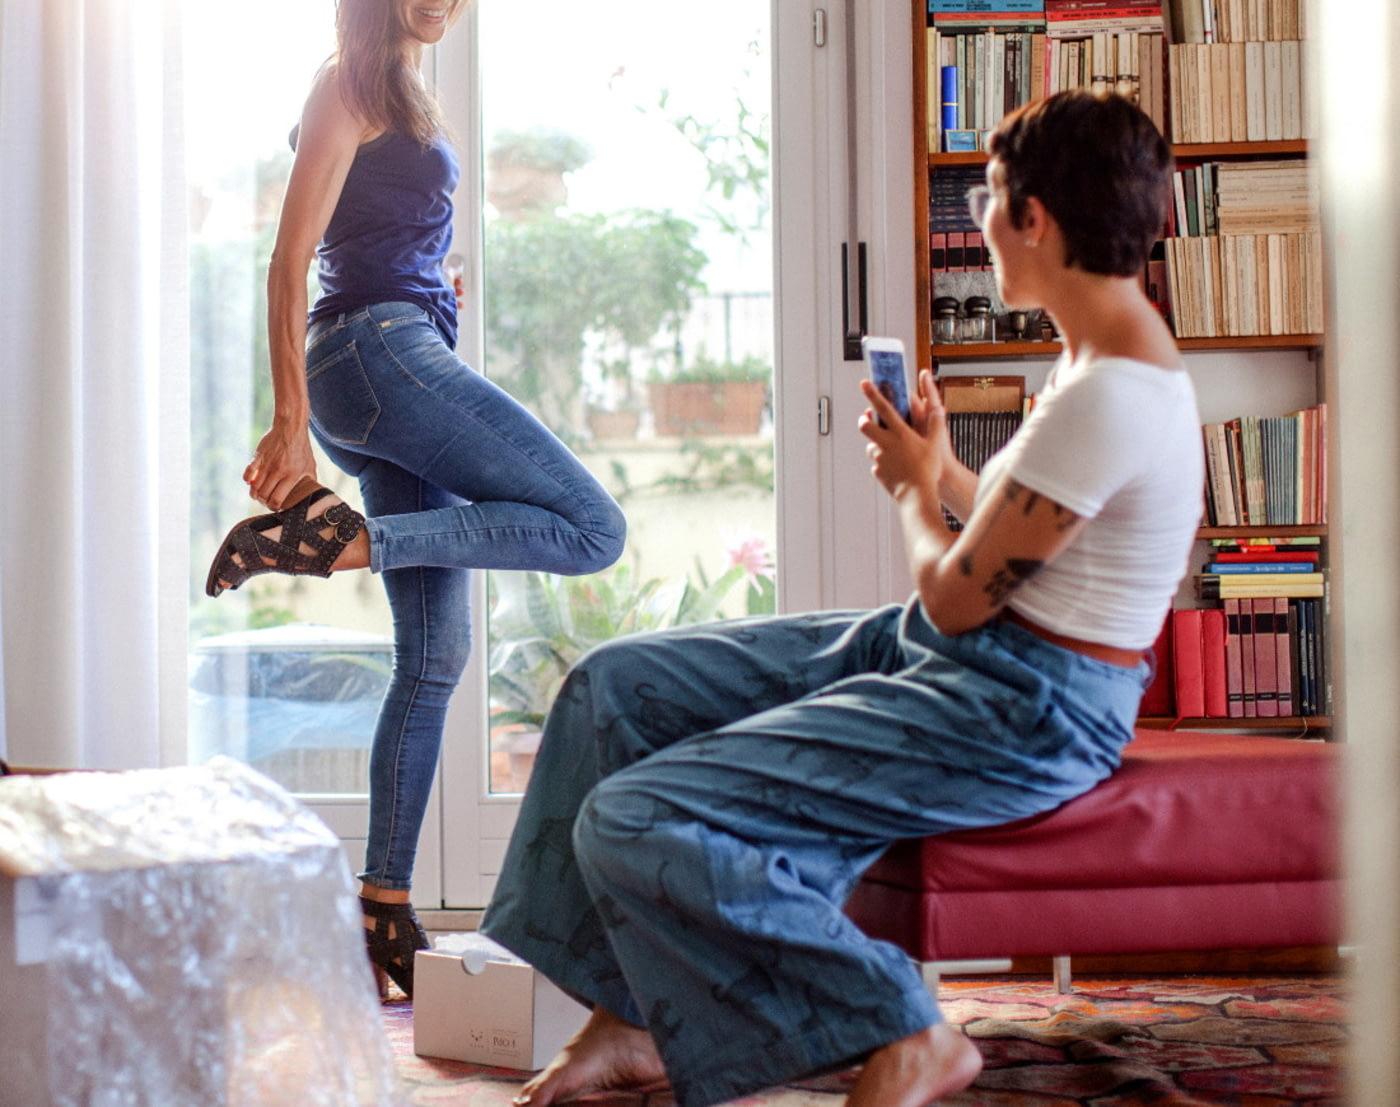 Frau probiert zu Hause neue Schuhe an, ihre Freundin fotografiert